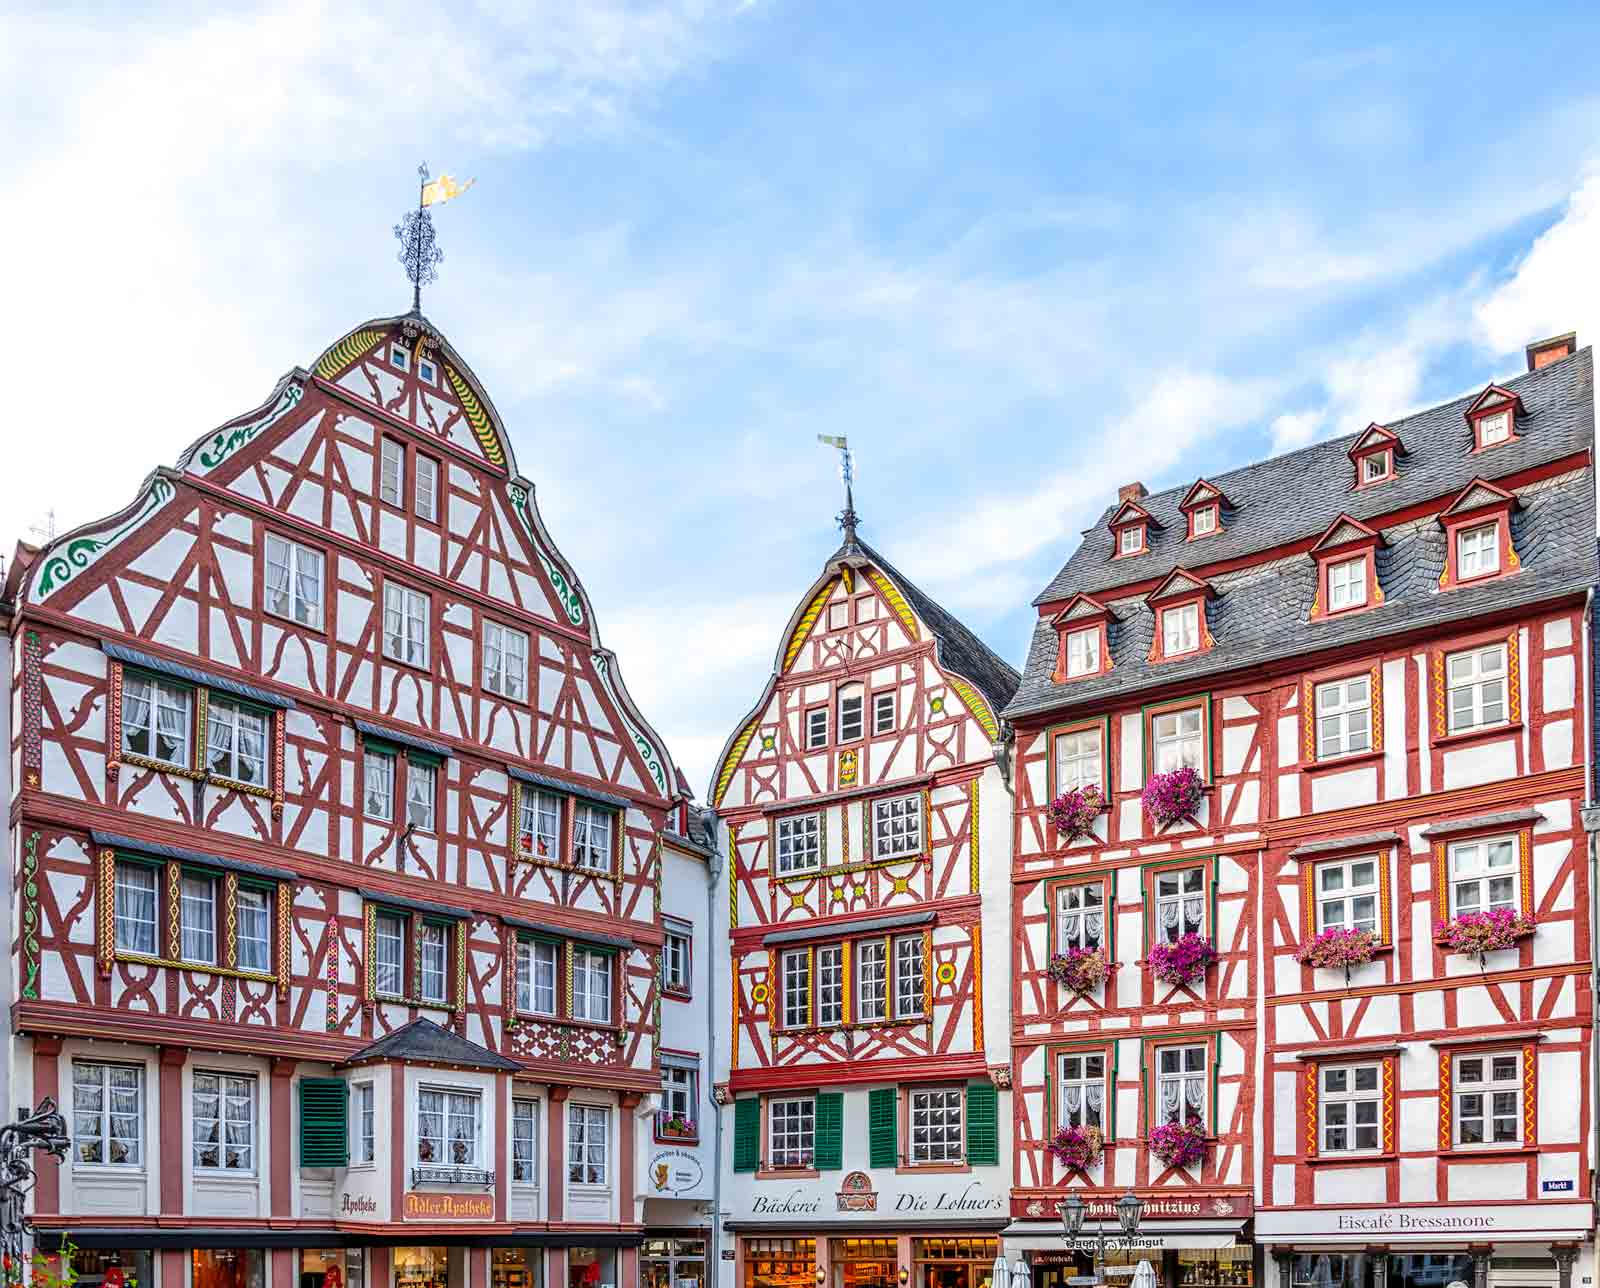 Man erblickt drei Häuser mit Fachwerk-Fassaden am Marktplatz von Bernkastel-Kues. Unten sind Läden. Am blauen Himmel sind Wolkenschlieren.